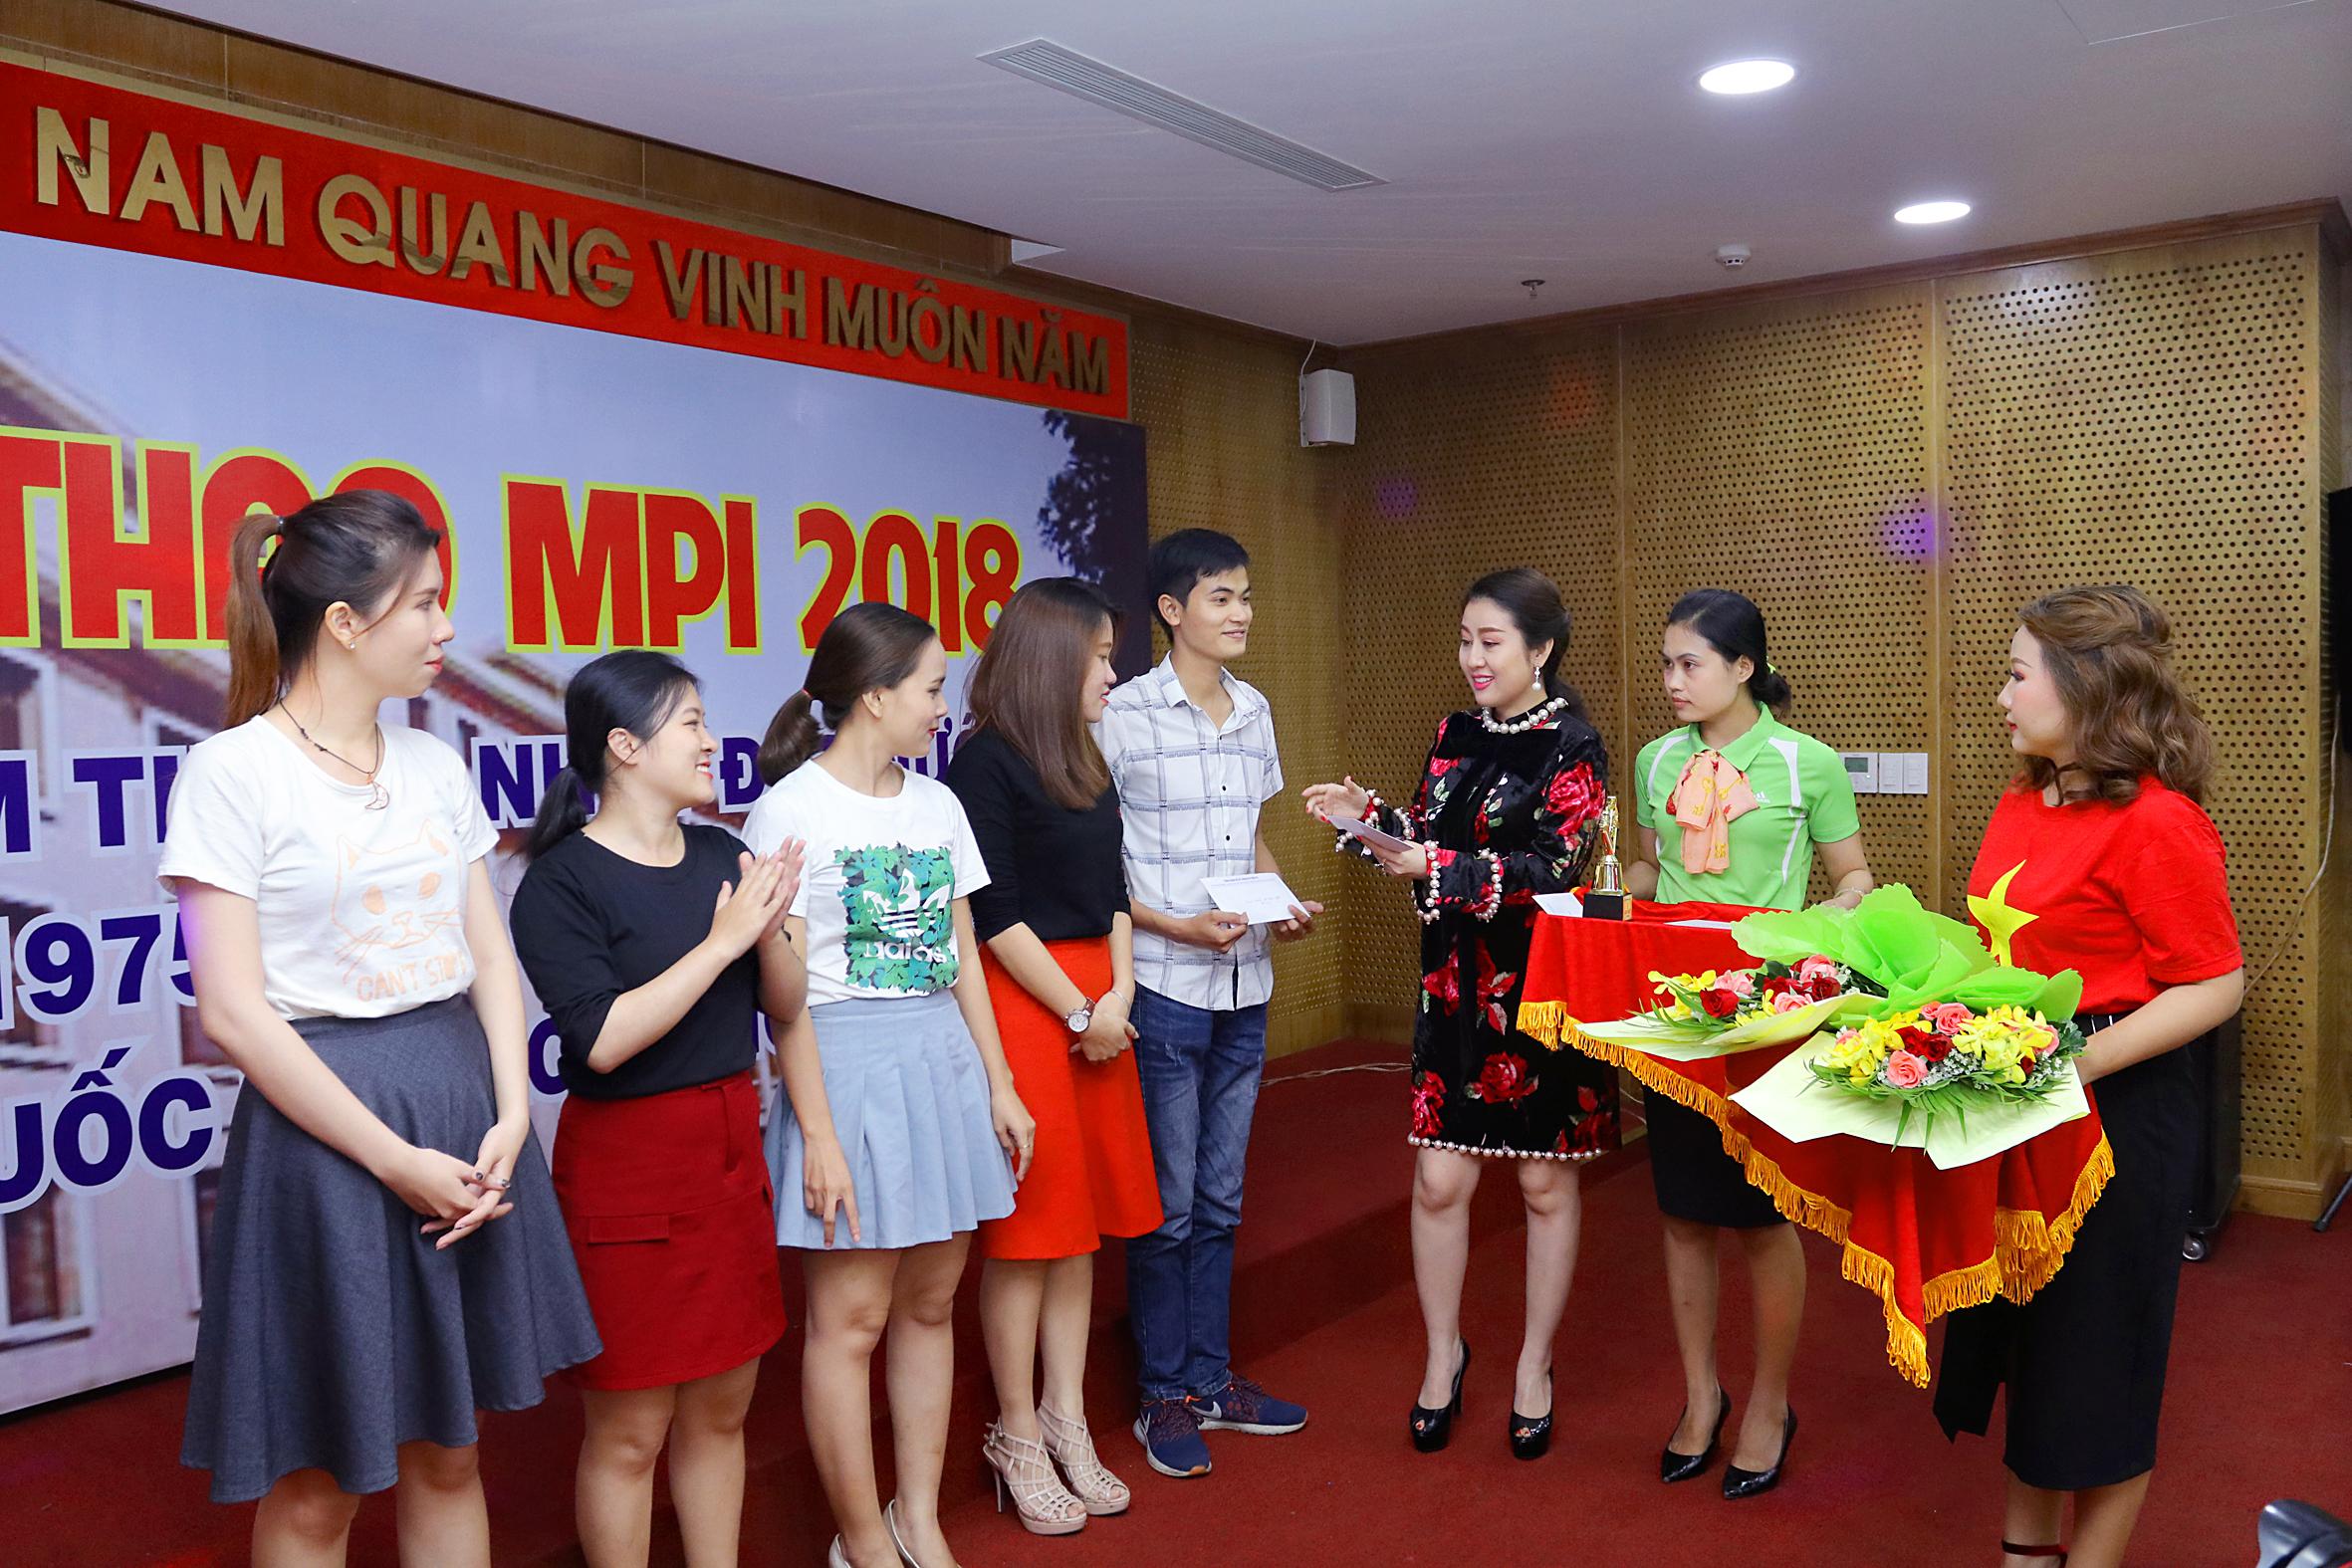 Hứng khởi hội thi văn nghệ MPI tại Bộ Kế hoạch và Đầu tư khu vực phía Nam